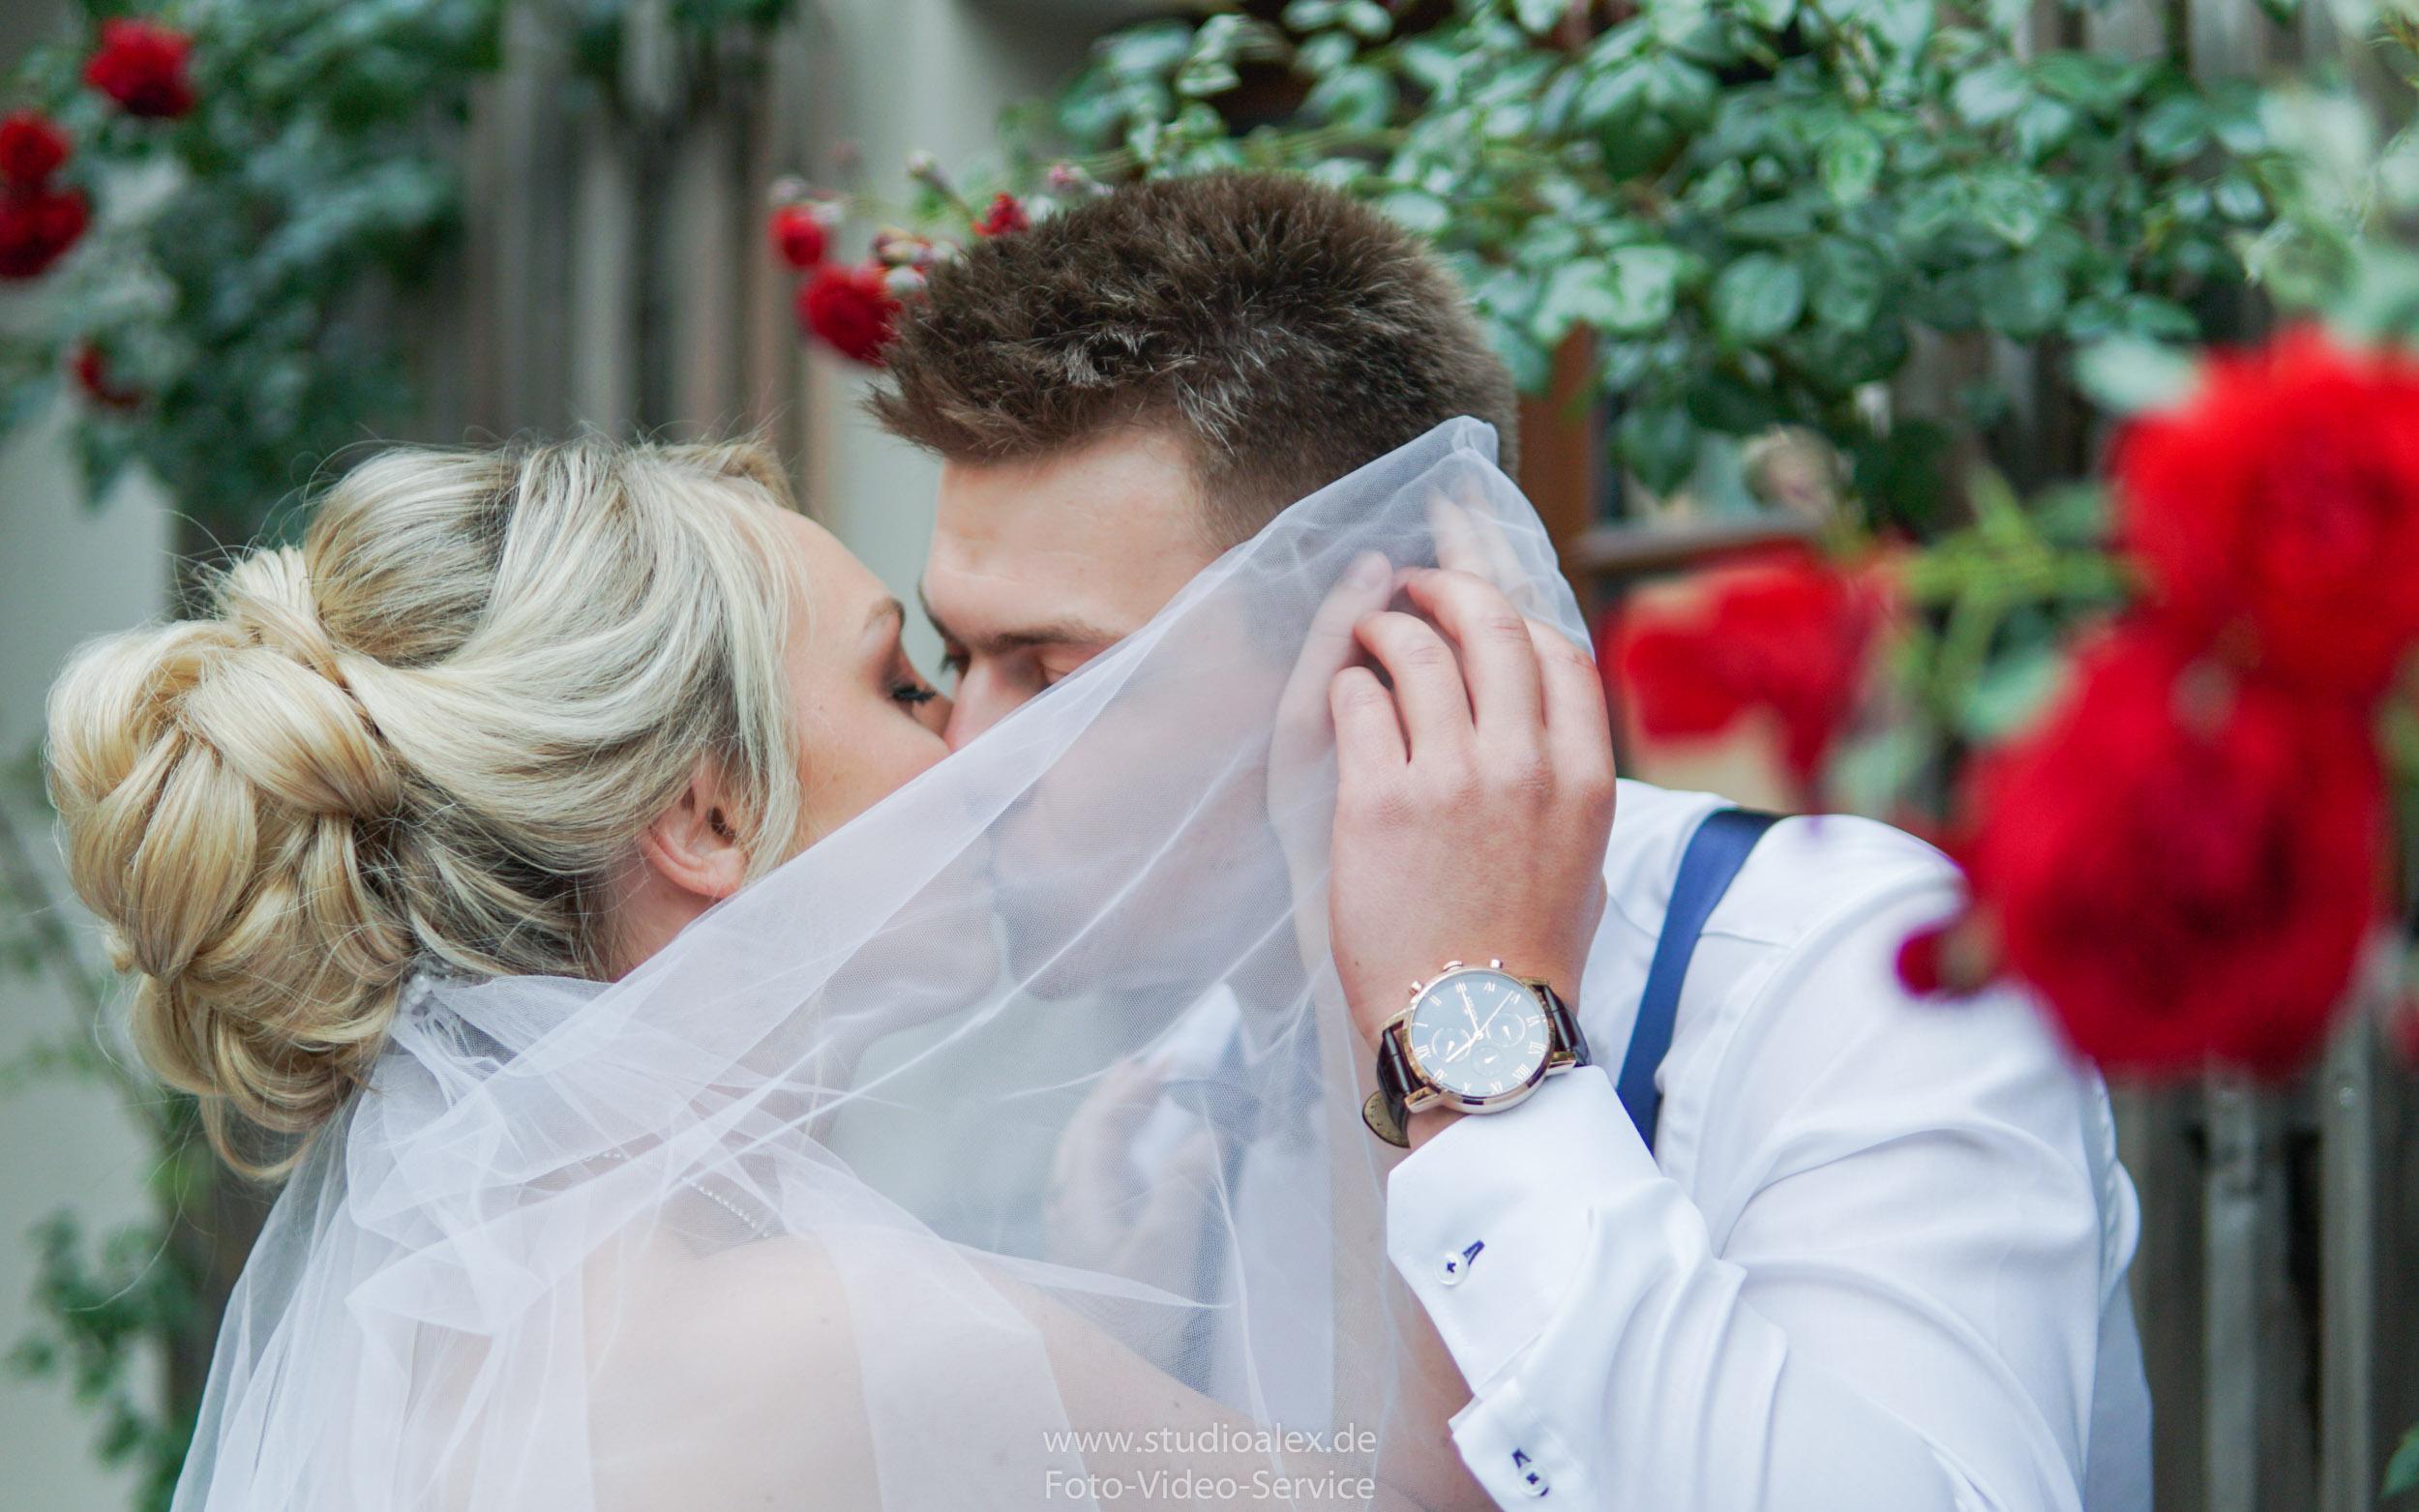 Hochzeitsfotograf-Amberg-Hochzeitsfotografie-Amberg-Hochzeit-Amberg-ACC-Fotograf-Amberg-01188.jpg